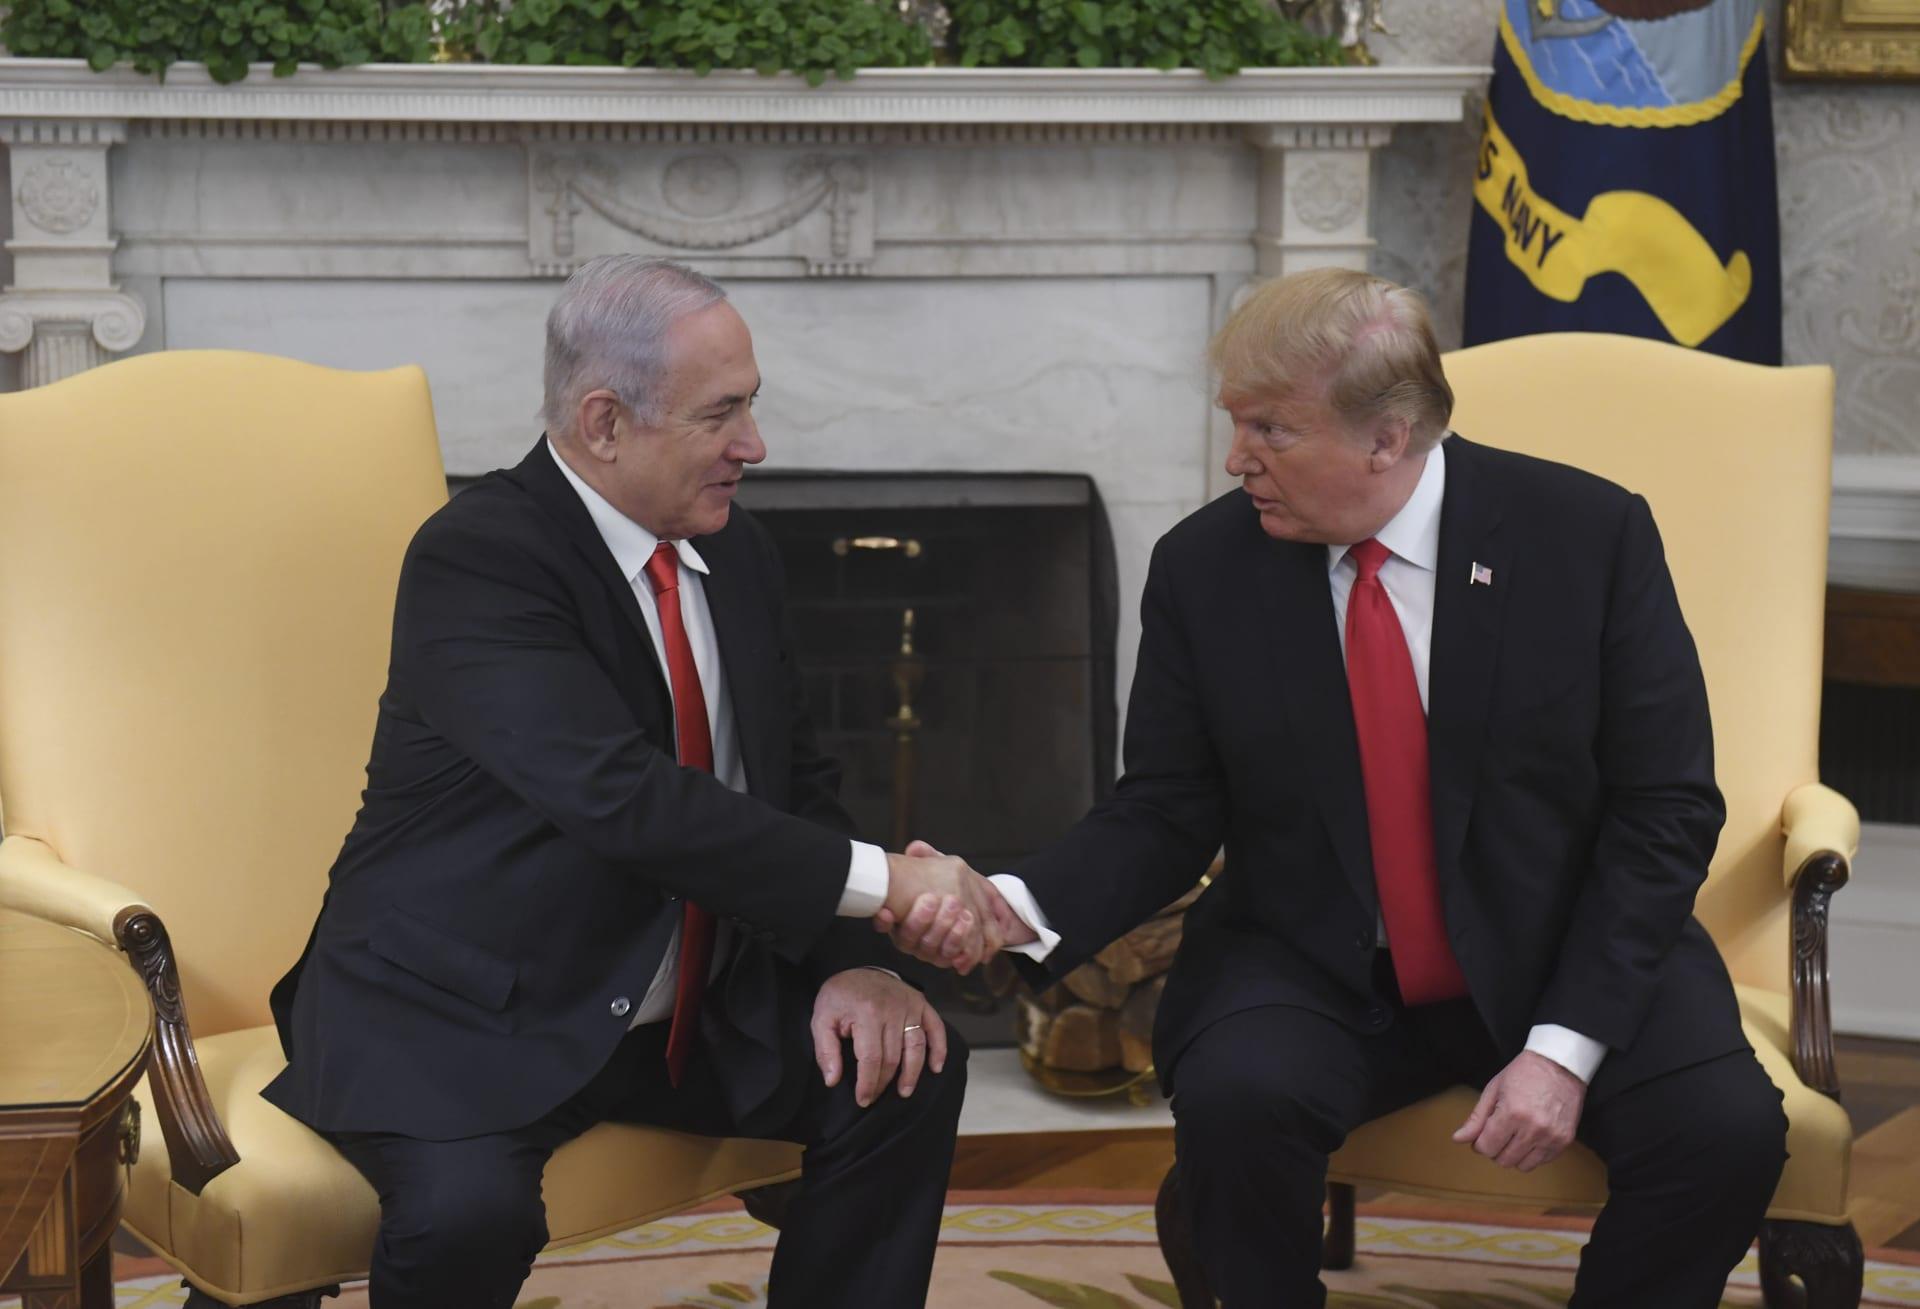 الإمارت والبحرين تأسفان لاعتراف ترامب بسيادة إسرائيل على الجولان